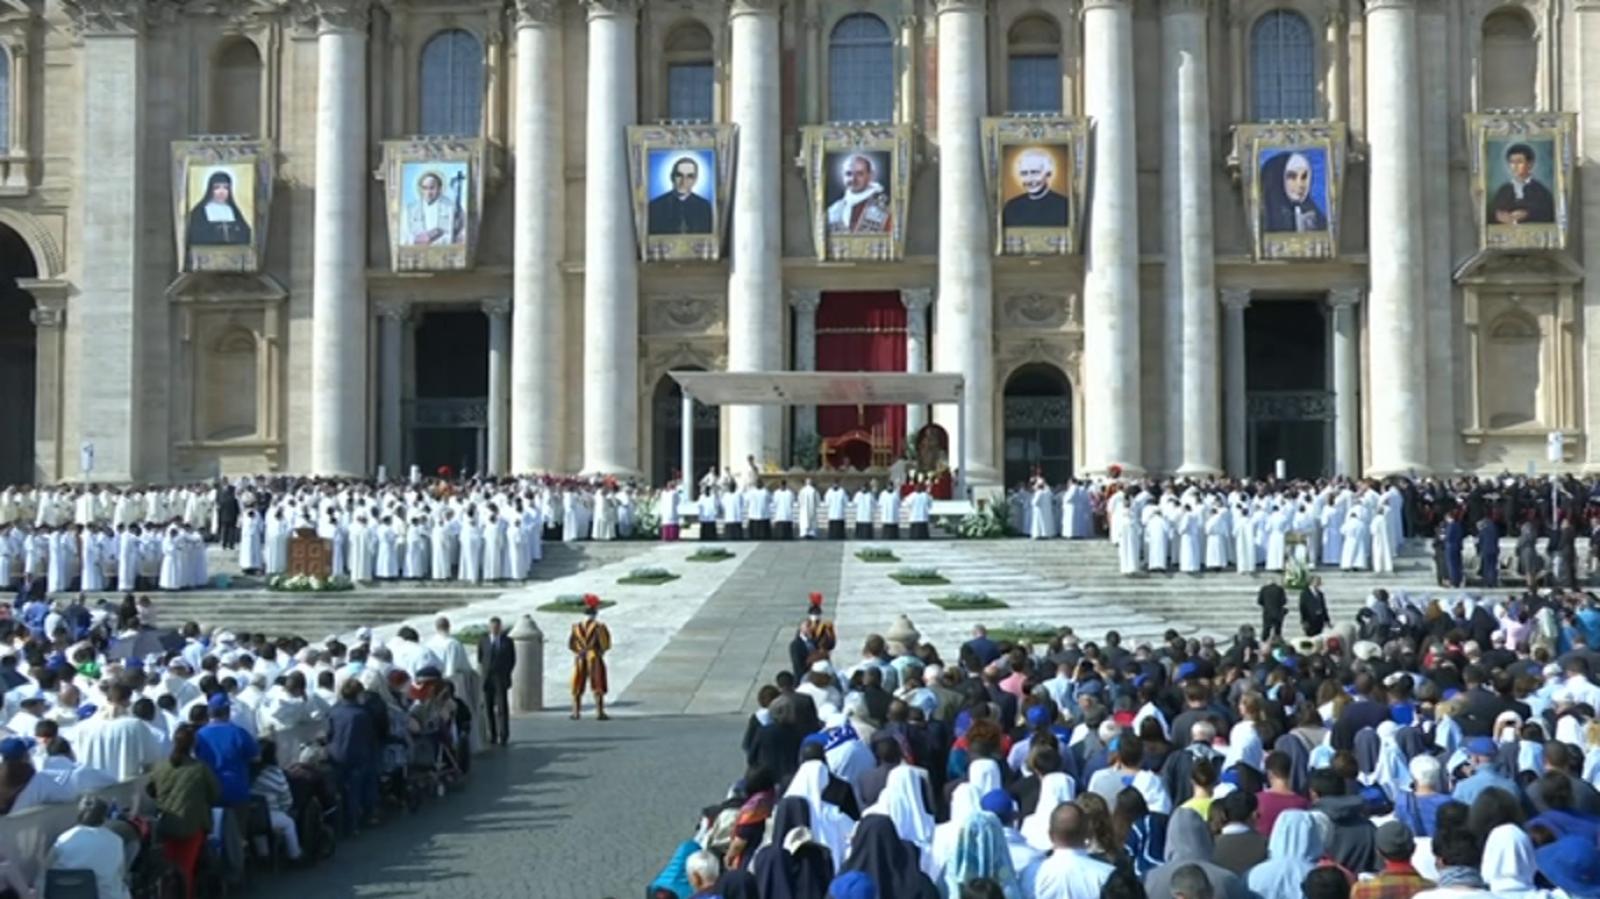 Para todos los públicos El Día del Señor - Roma - Canonización de Pablo VI  y M. Oscar Romero reproducir video 0cd78b615f4